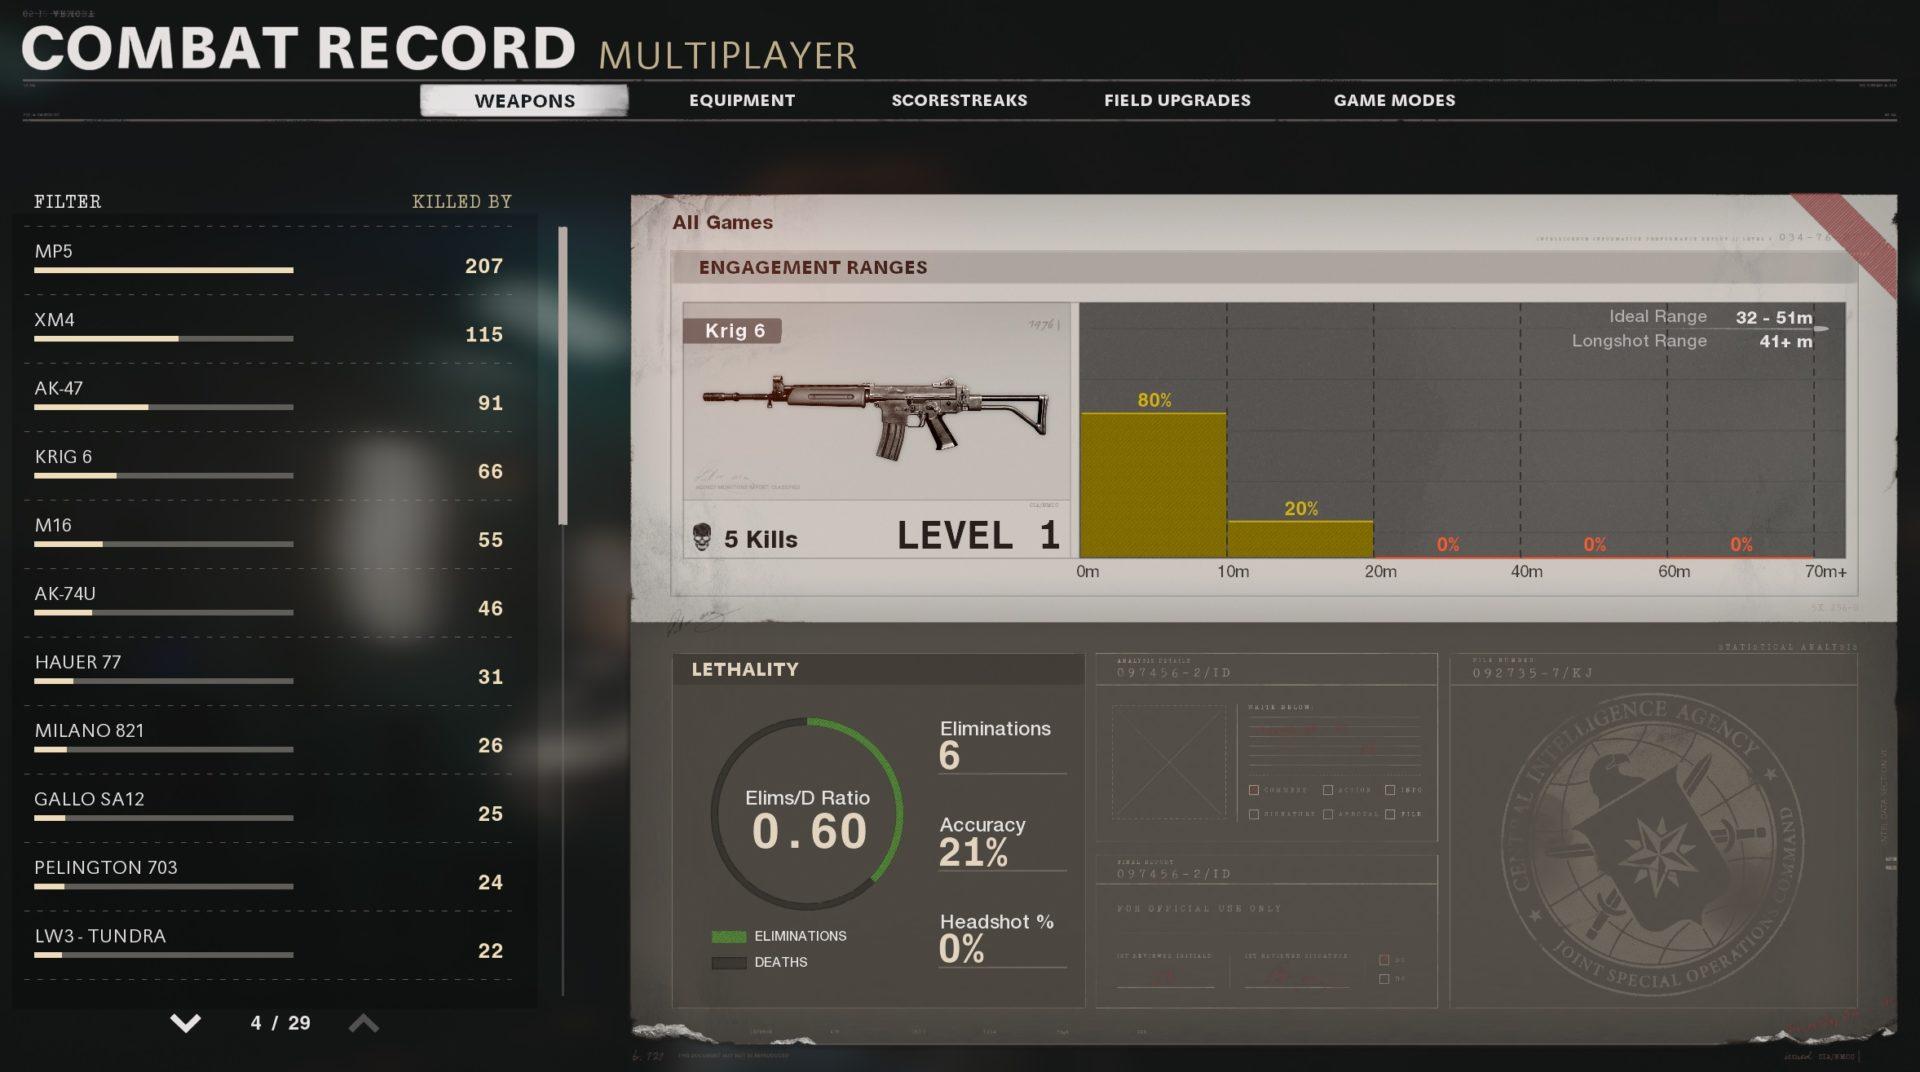 KRIG 6 Combat Record stats